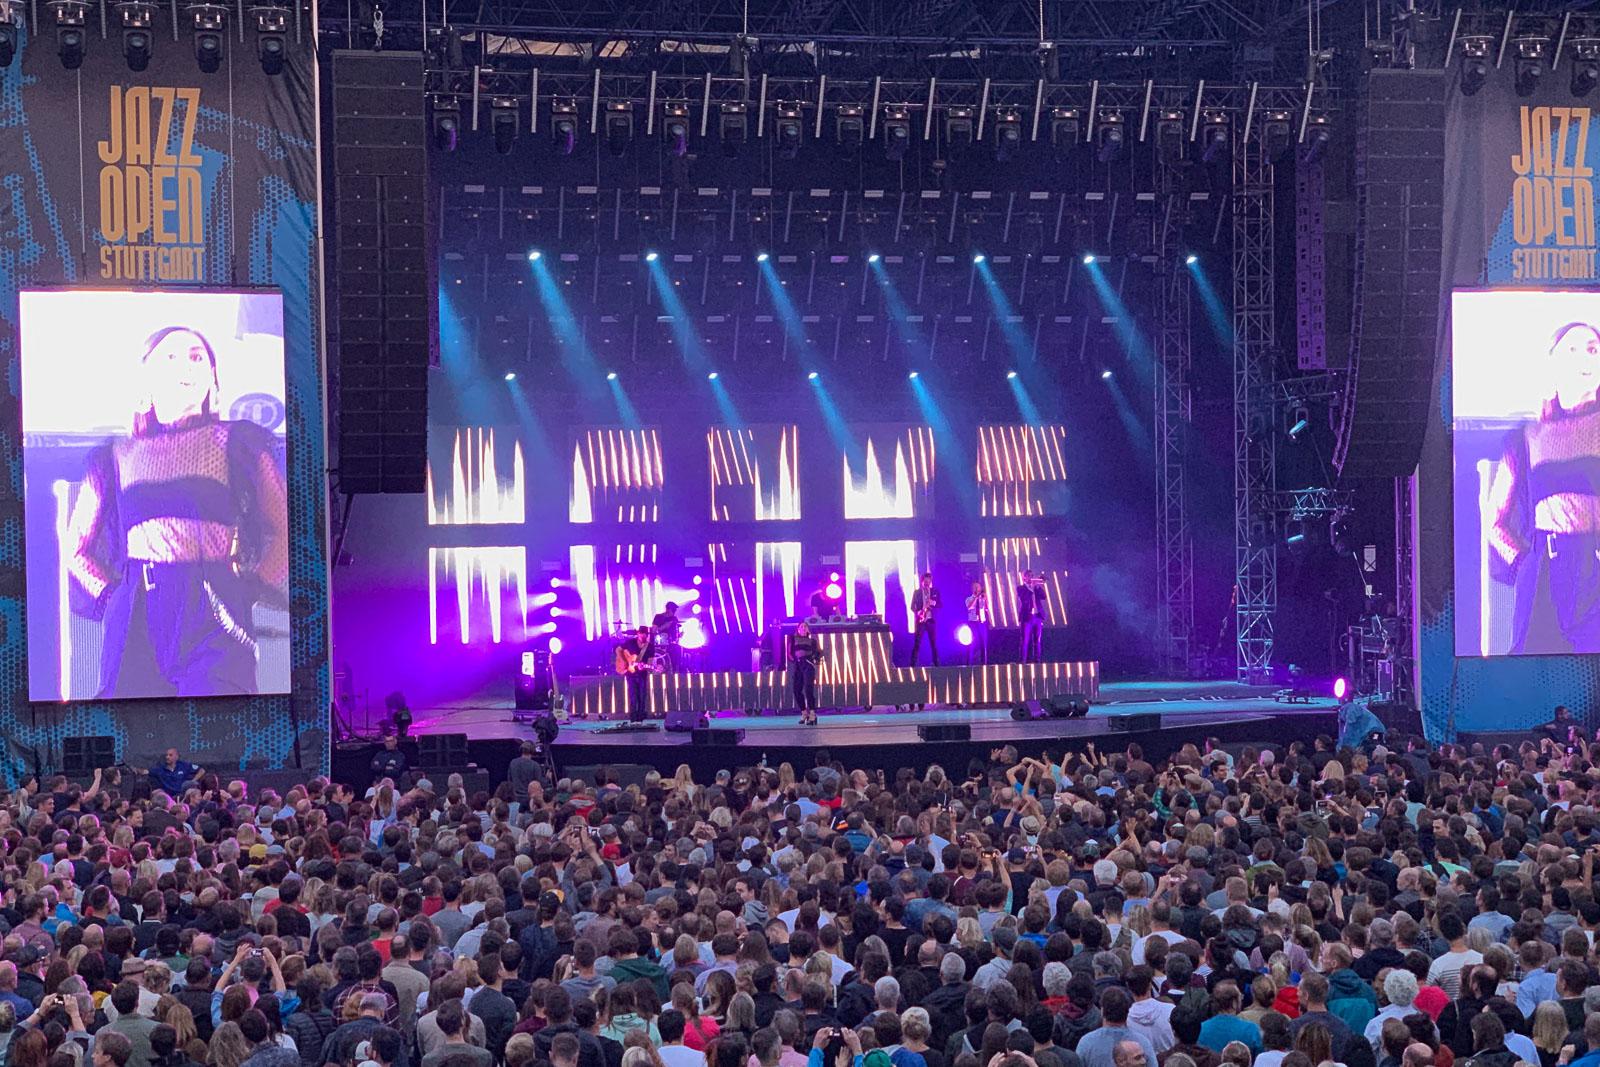 Jazz Open Stuttgart